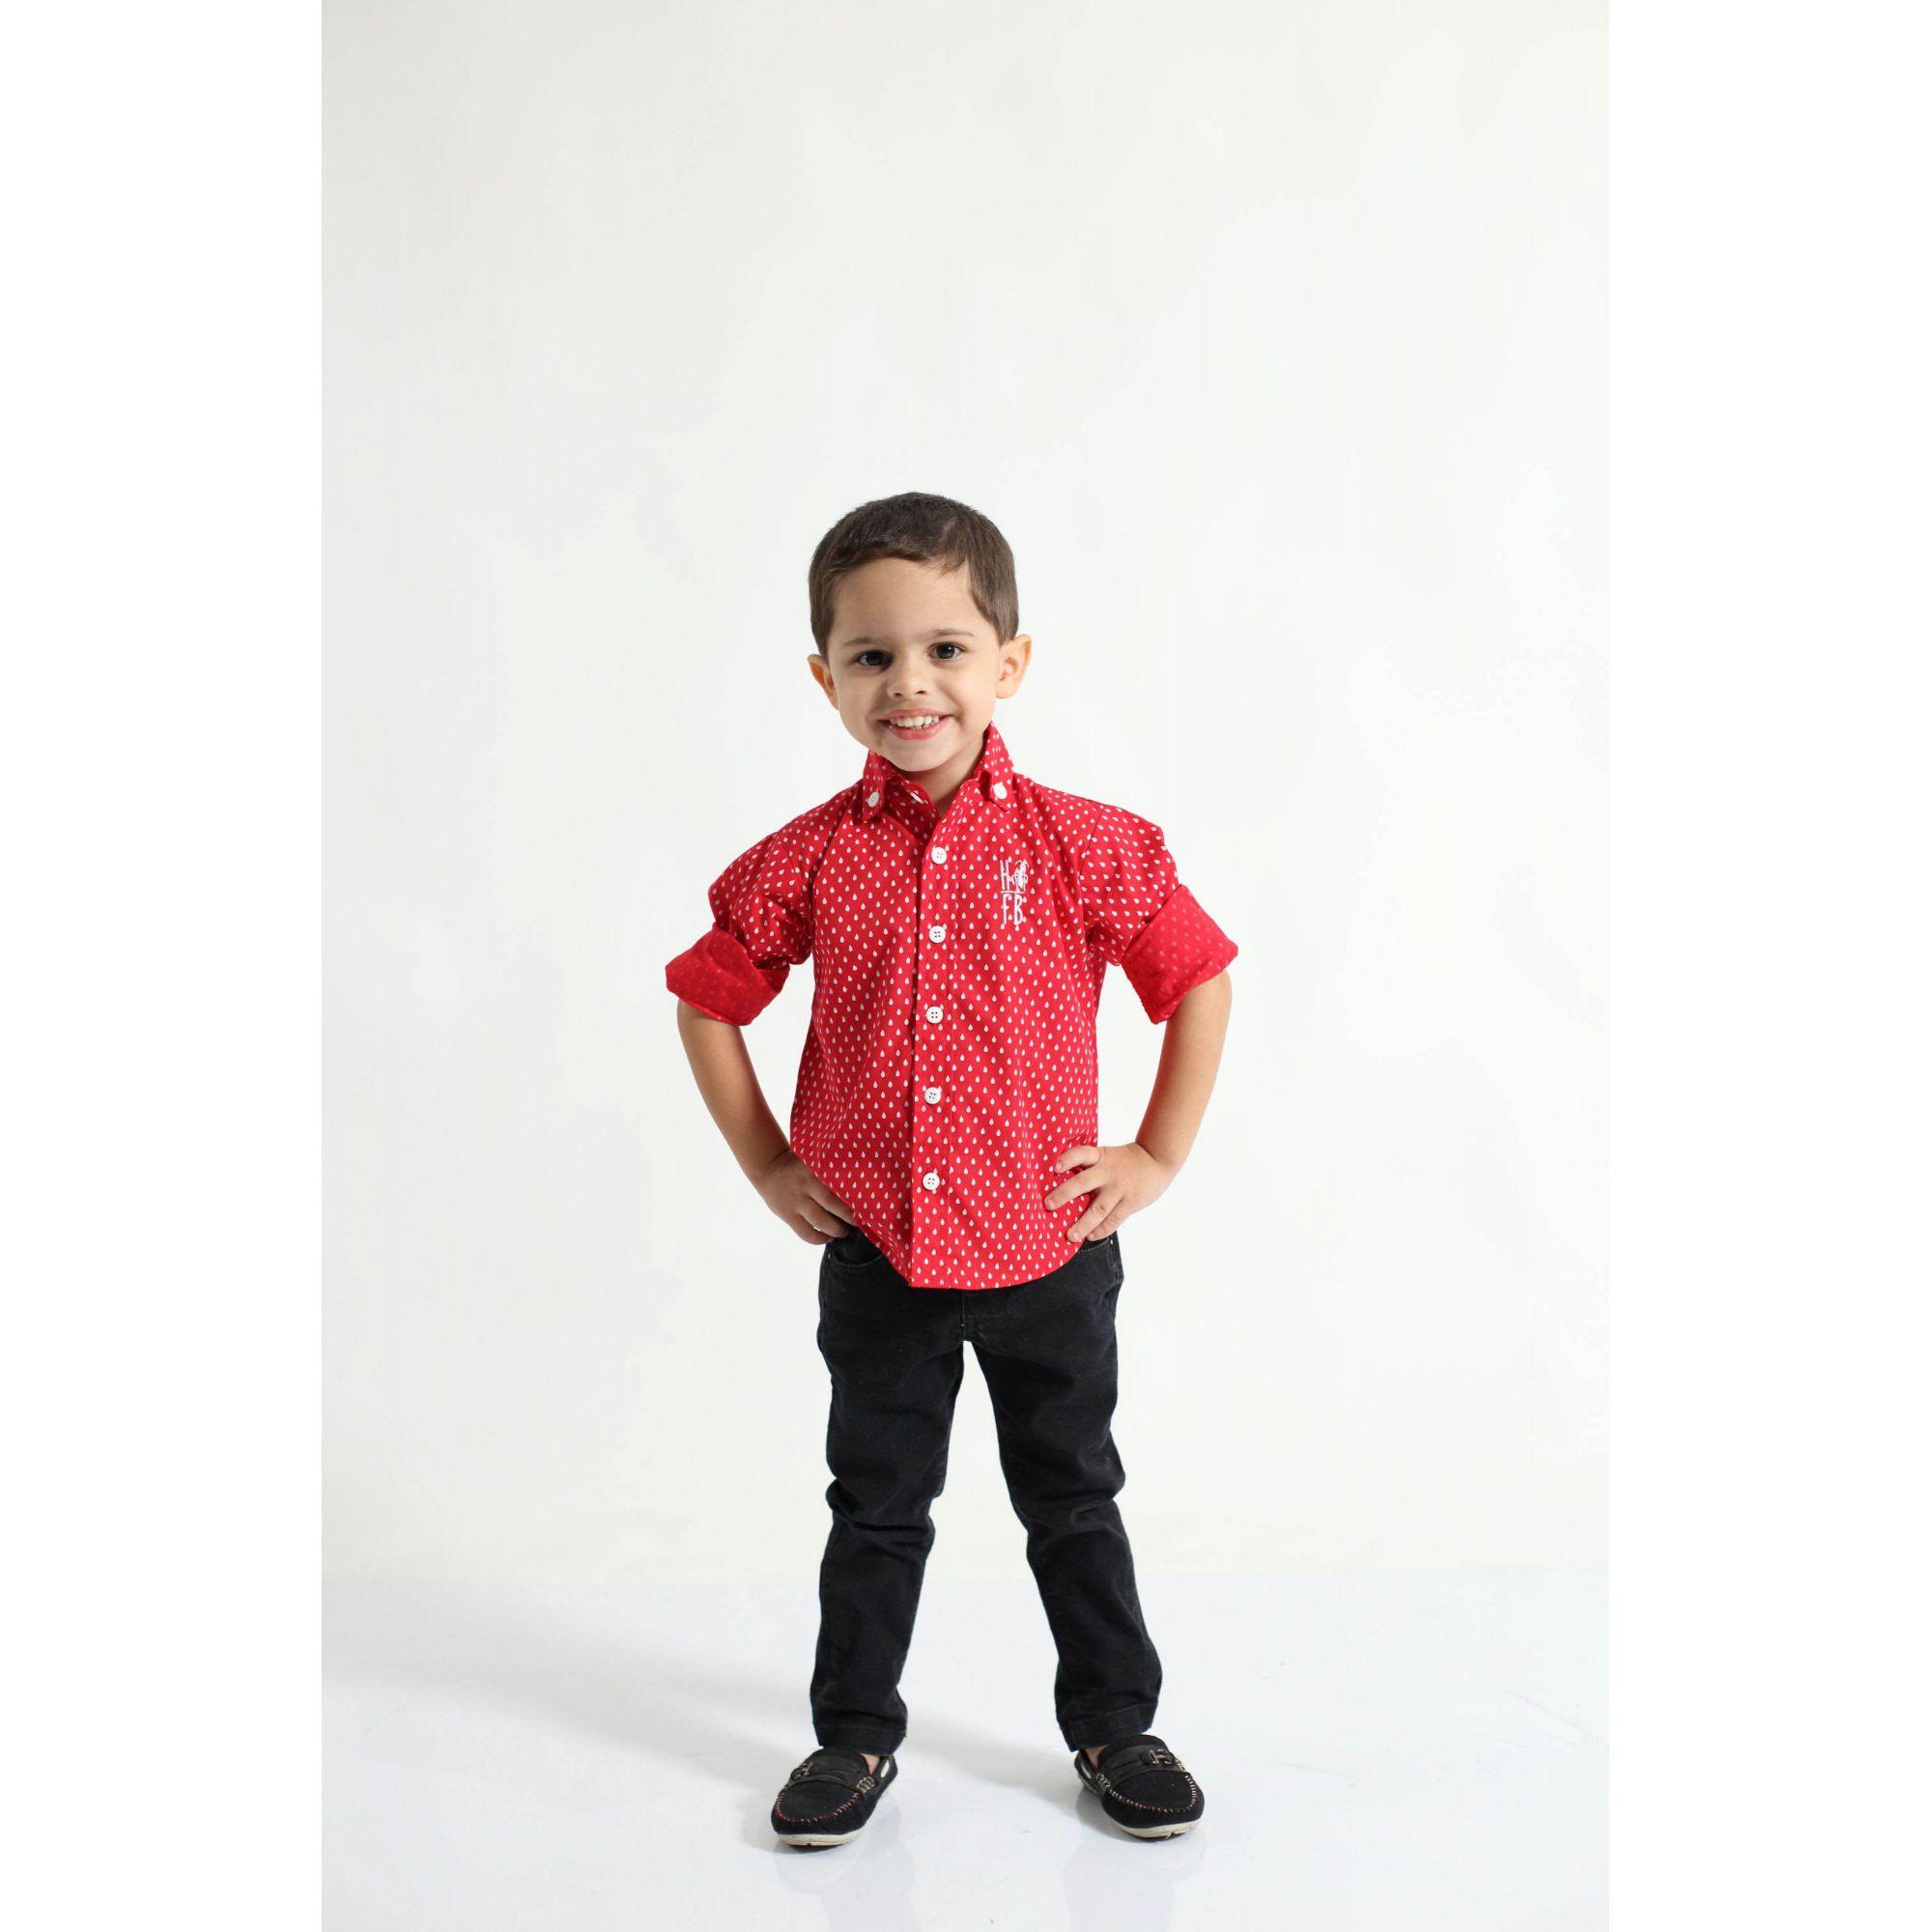 Camisa Social Merry Christimas Vermelha Infantil  - Heitor Fashion Brazil